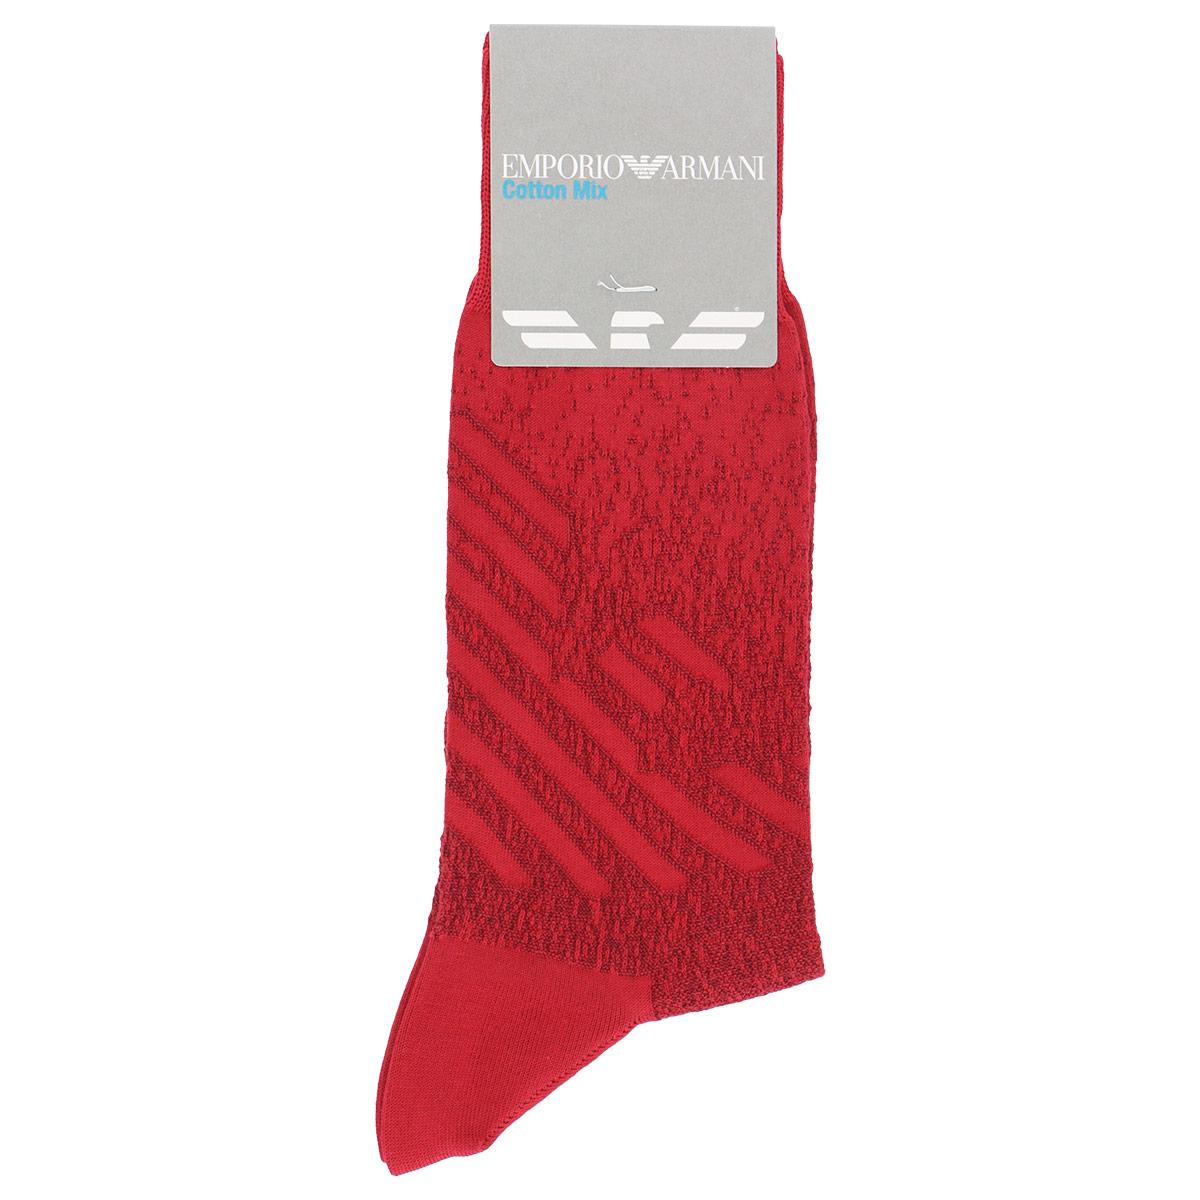 EMPORIO ARMANI ( エンポリオ アルマーニ ) カジュアル BIGイーグルリンクス スーピマ綿使用 メンズ 男性 紳士 ソックス 靴下 プレゼント 贈答 ギフト 2342-329【ゆうパケット・4点まで】